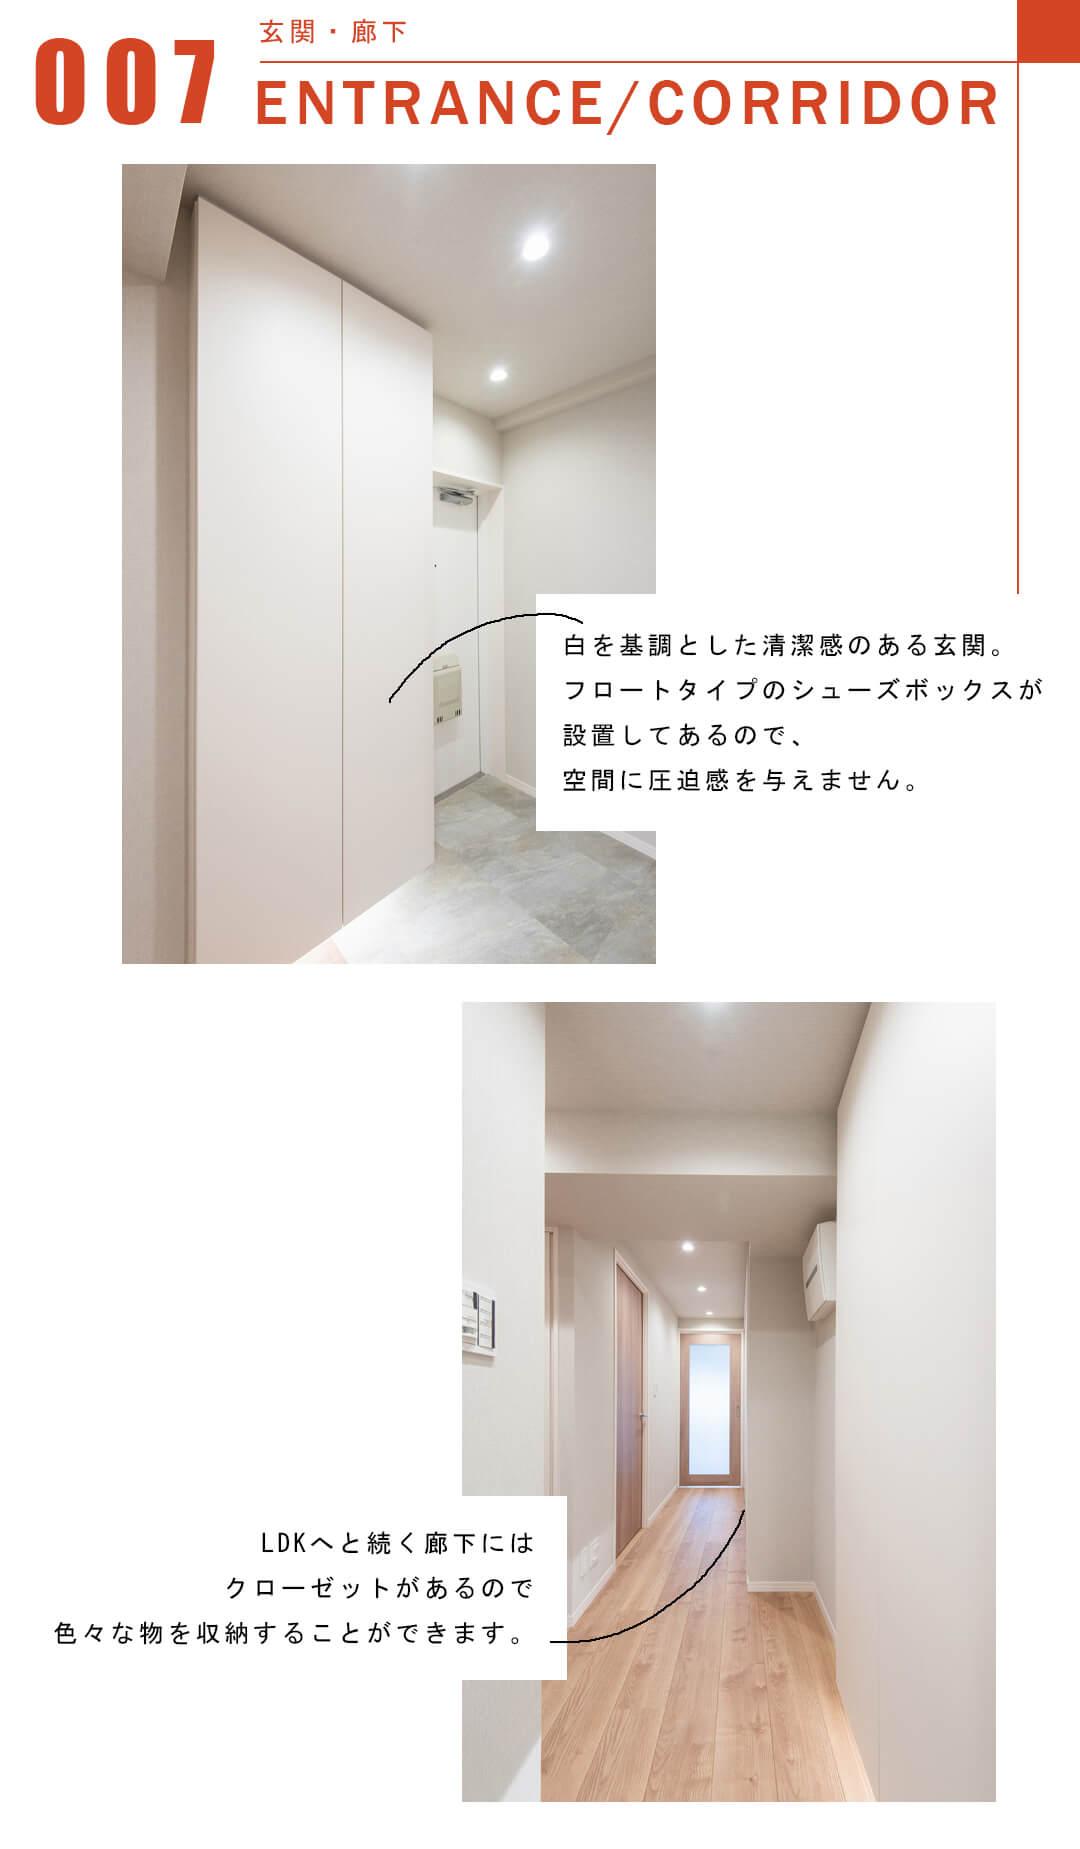 007玄関,廊下,ENTRANCE